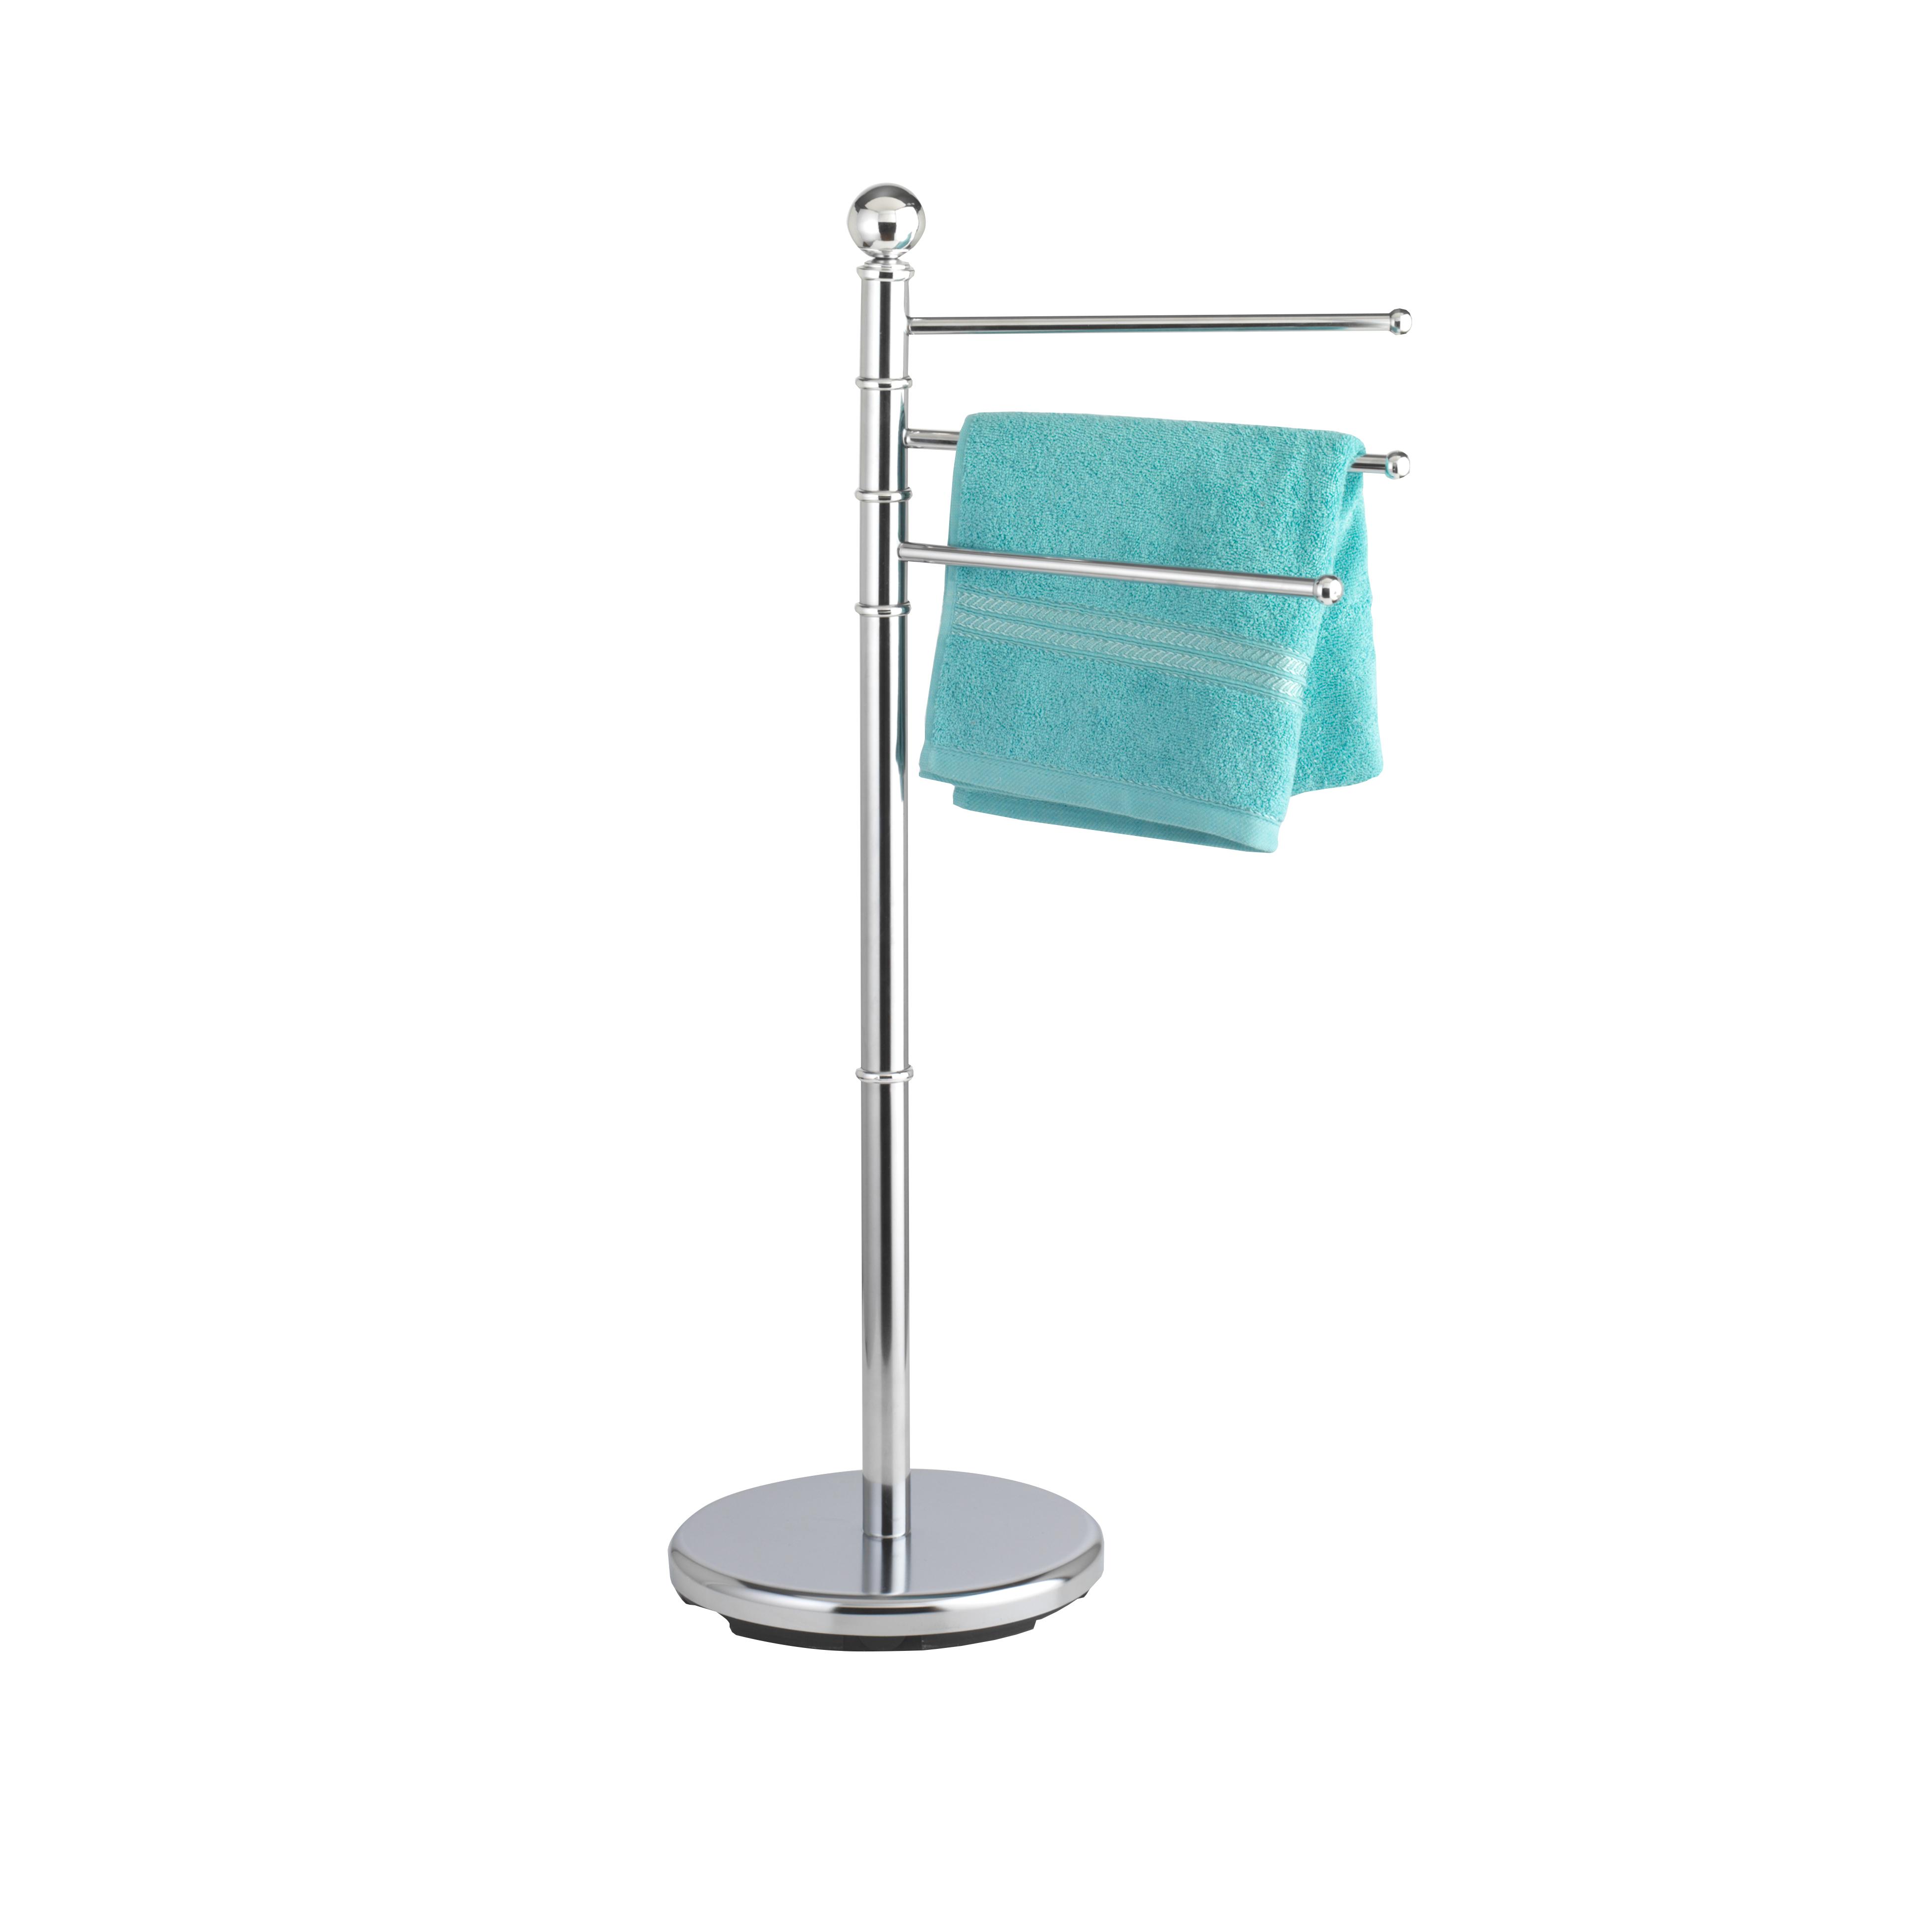 Вешалка для полотенец Axentia, напольная116904Напольная вешалка в виде овала Axentia изготовлена из высококачественной хромированной стали, устойчивой к коррозии в условиях высокой влажности в ванной комнате. Вешалка оснащена 3 вращающимися планками. Изделие предназначено для подвешивания полотенец и имеет утяжеленное основание для повышенной устойчивости. Высота вешалки: 91 см.